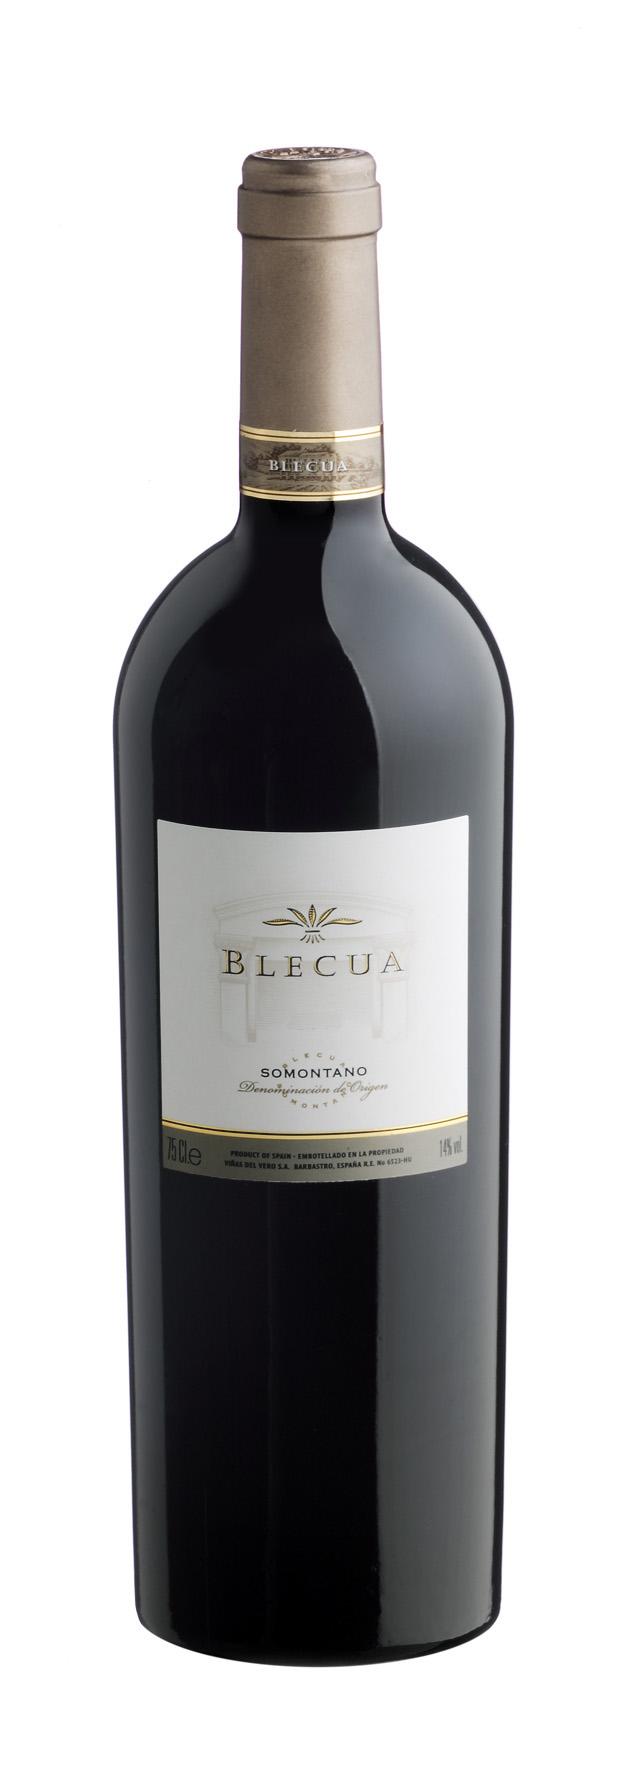 Blecua Magnum